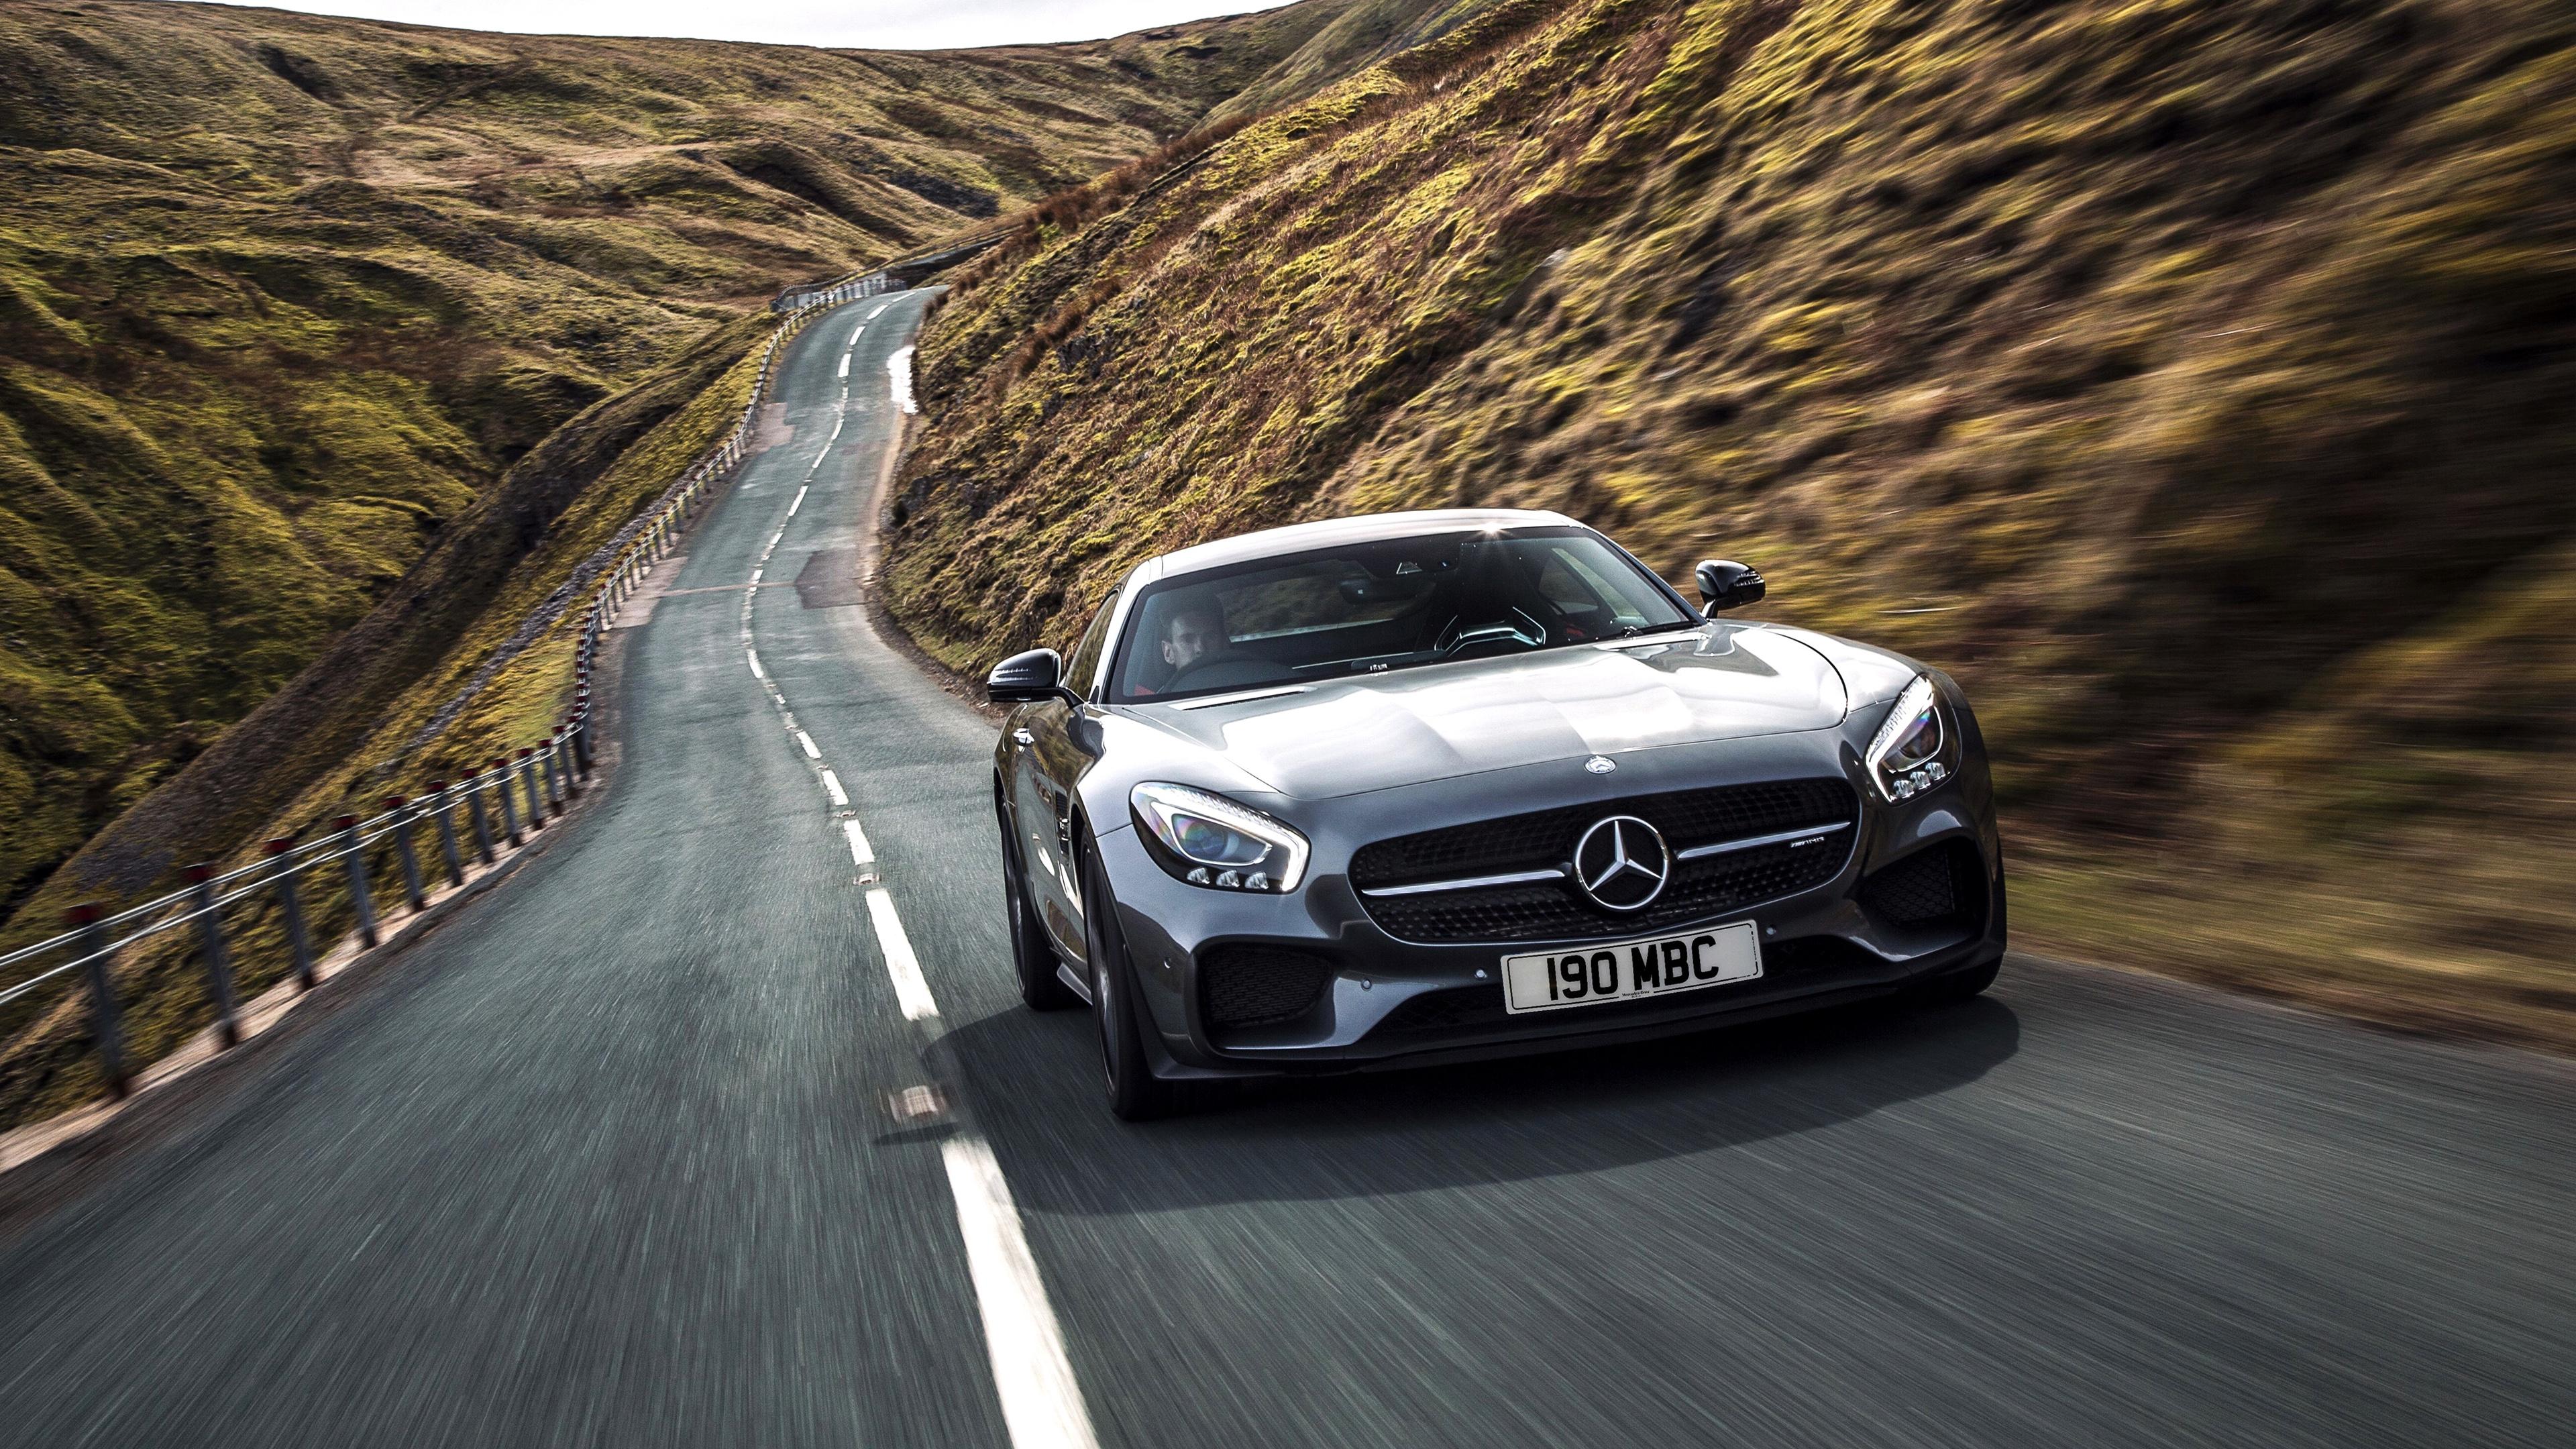 2015 Mercedes AMG GT S UK Spec Wallpaper HD Car Wallpapers 3840x2160